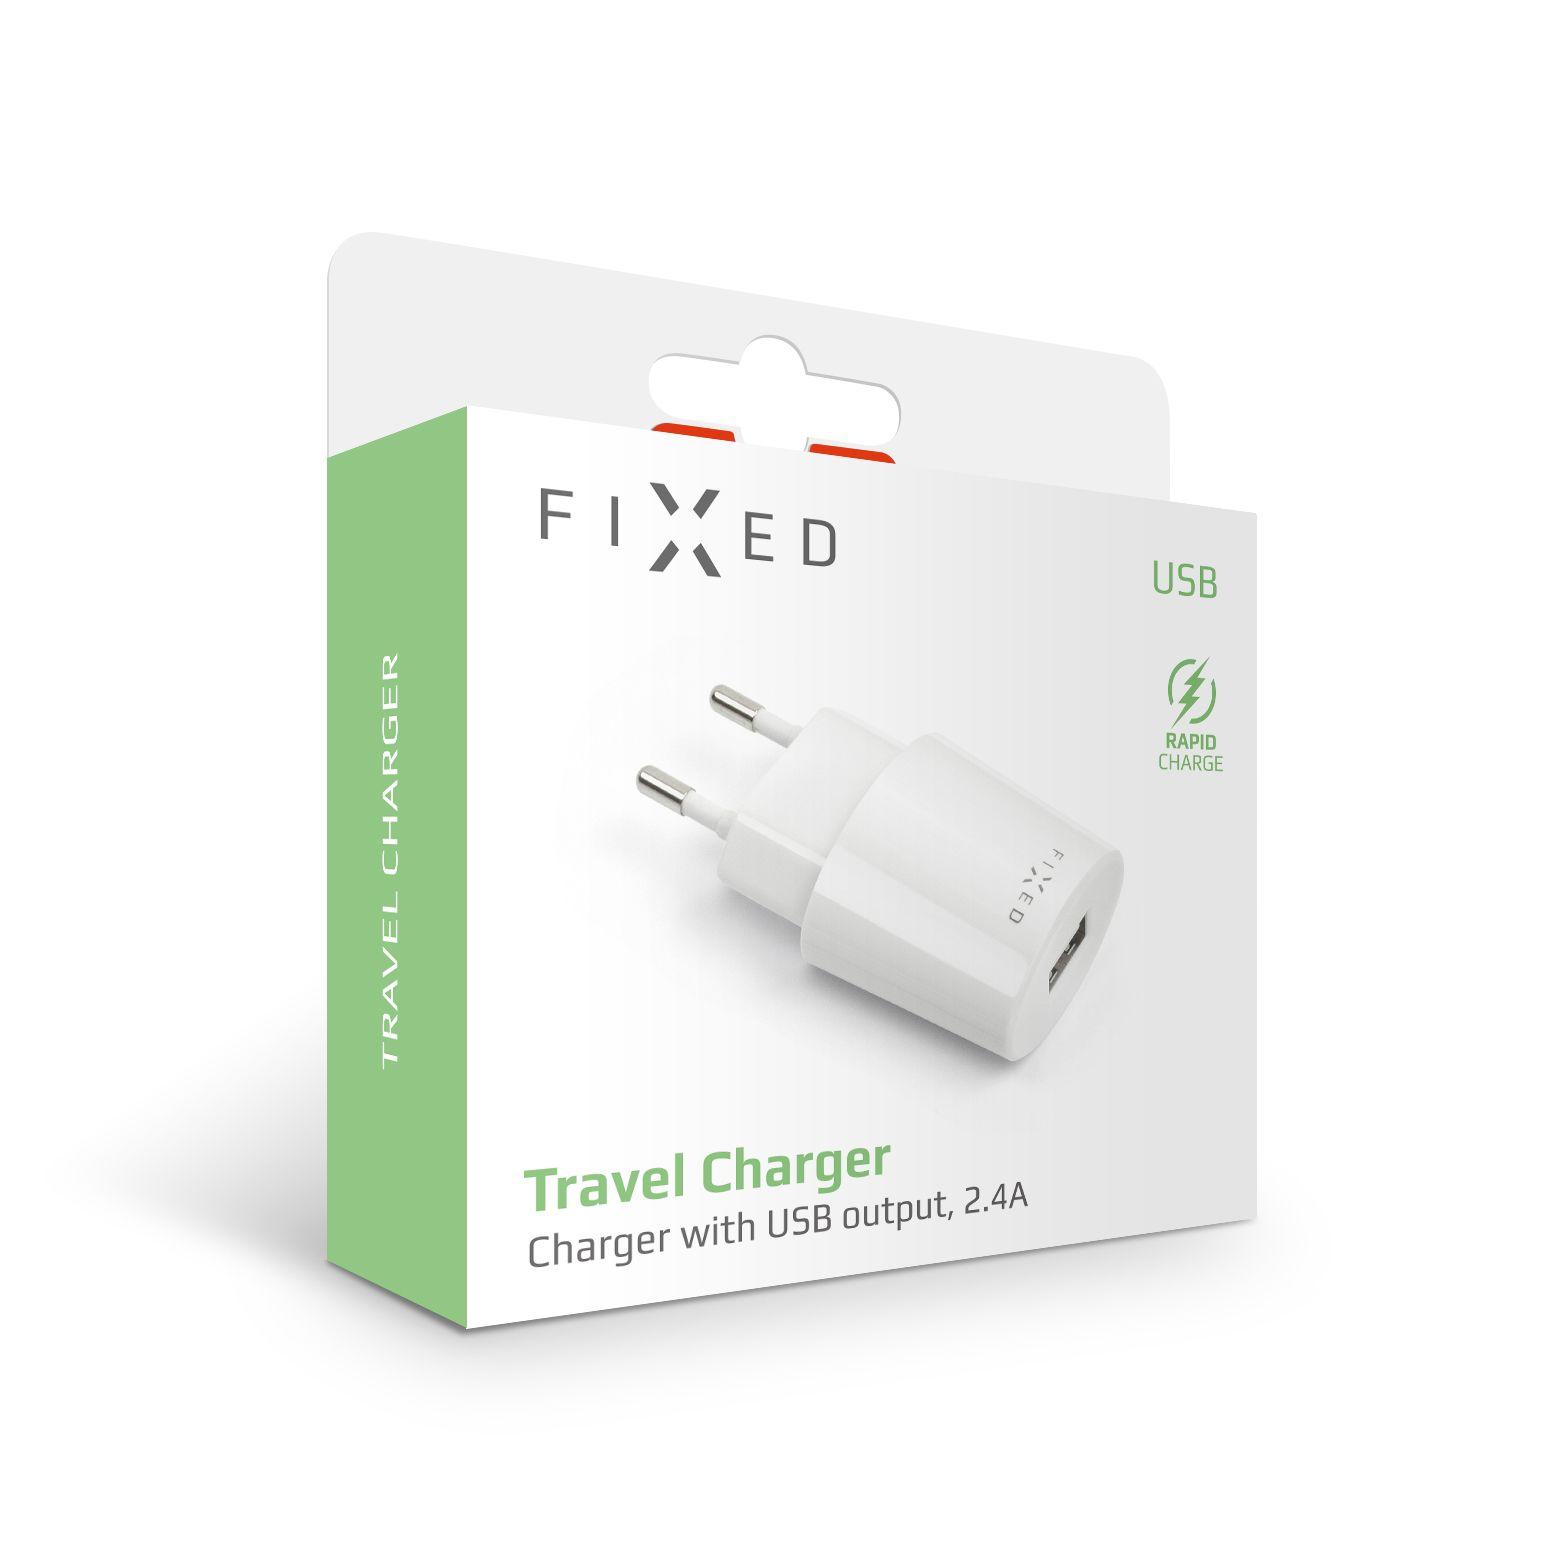 Síťová nabíječka FIXED s USB výstupem, 2,4A, bílá